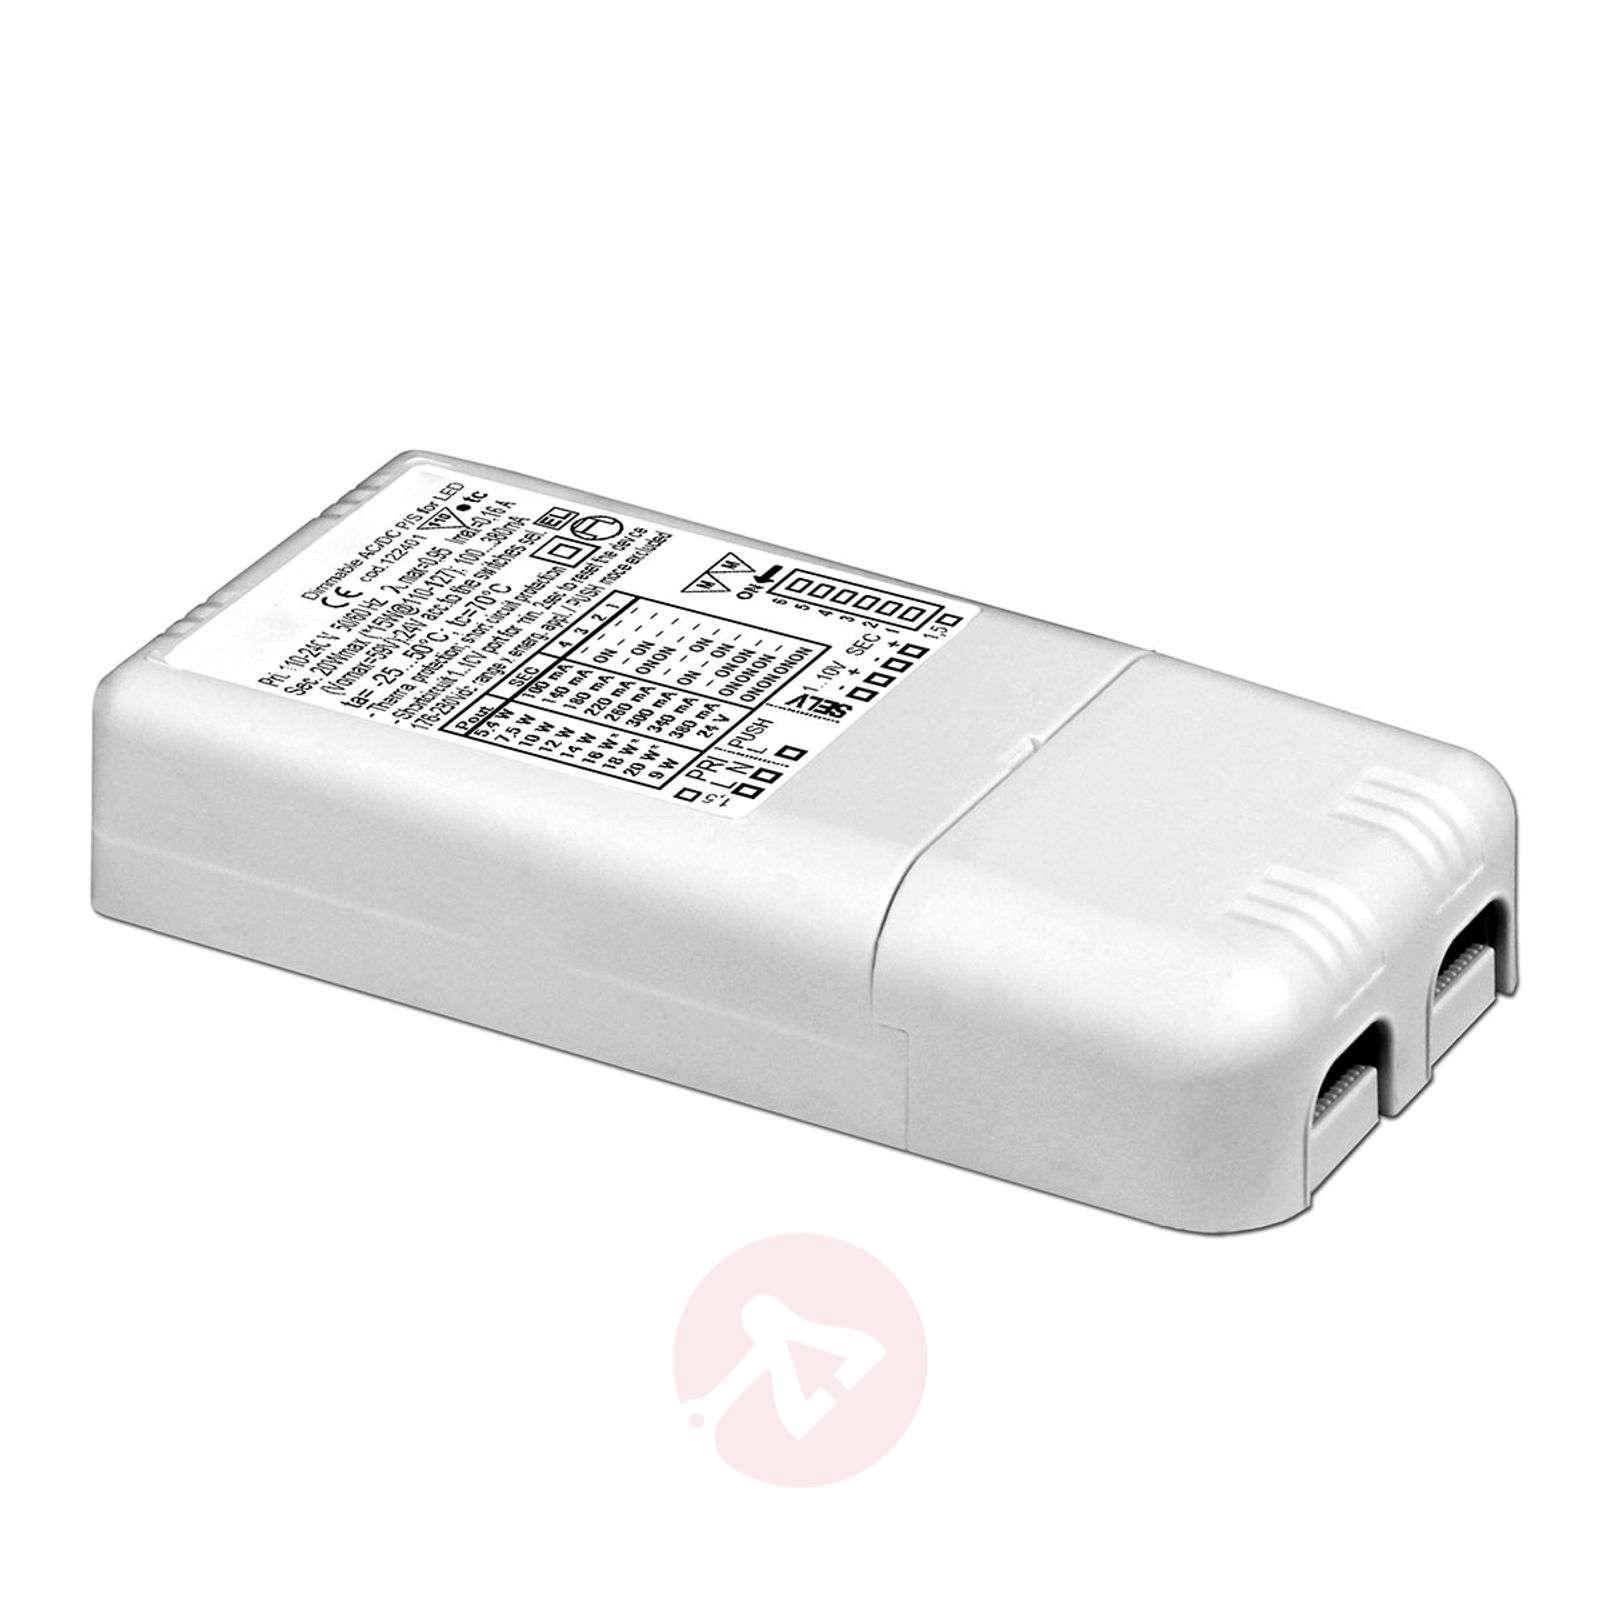 LED-muuntaja Universal, säädettävä, ei himm.-6523692-01